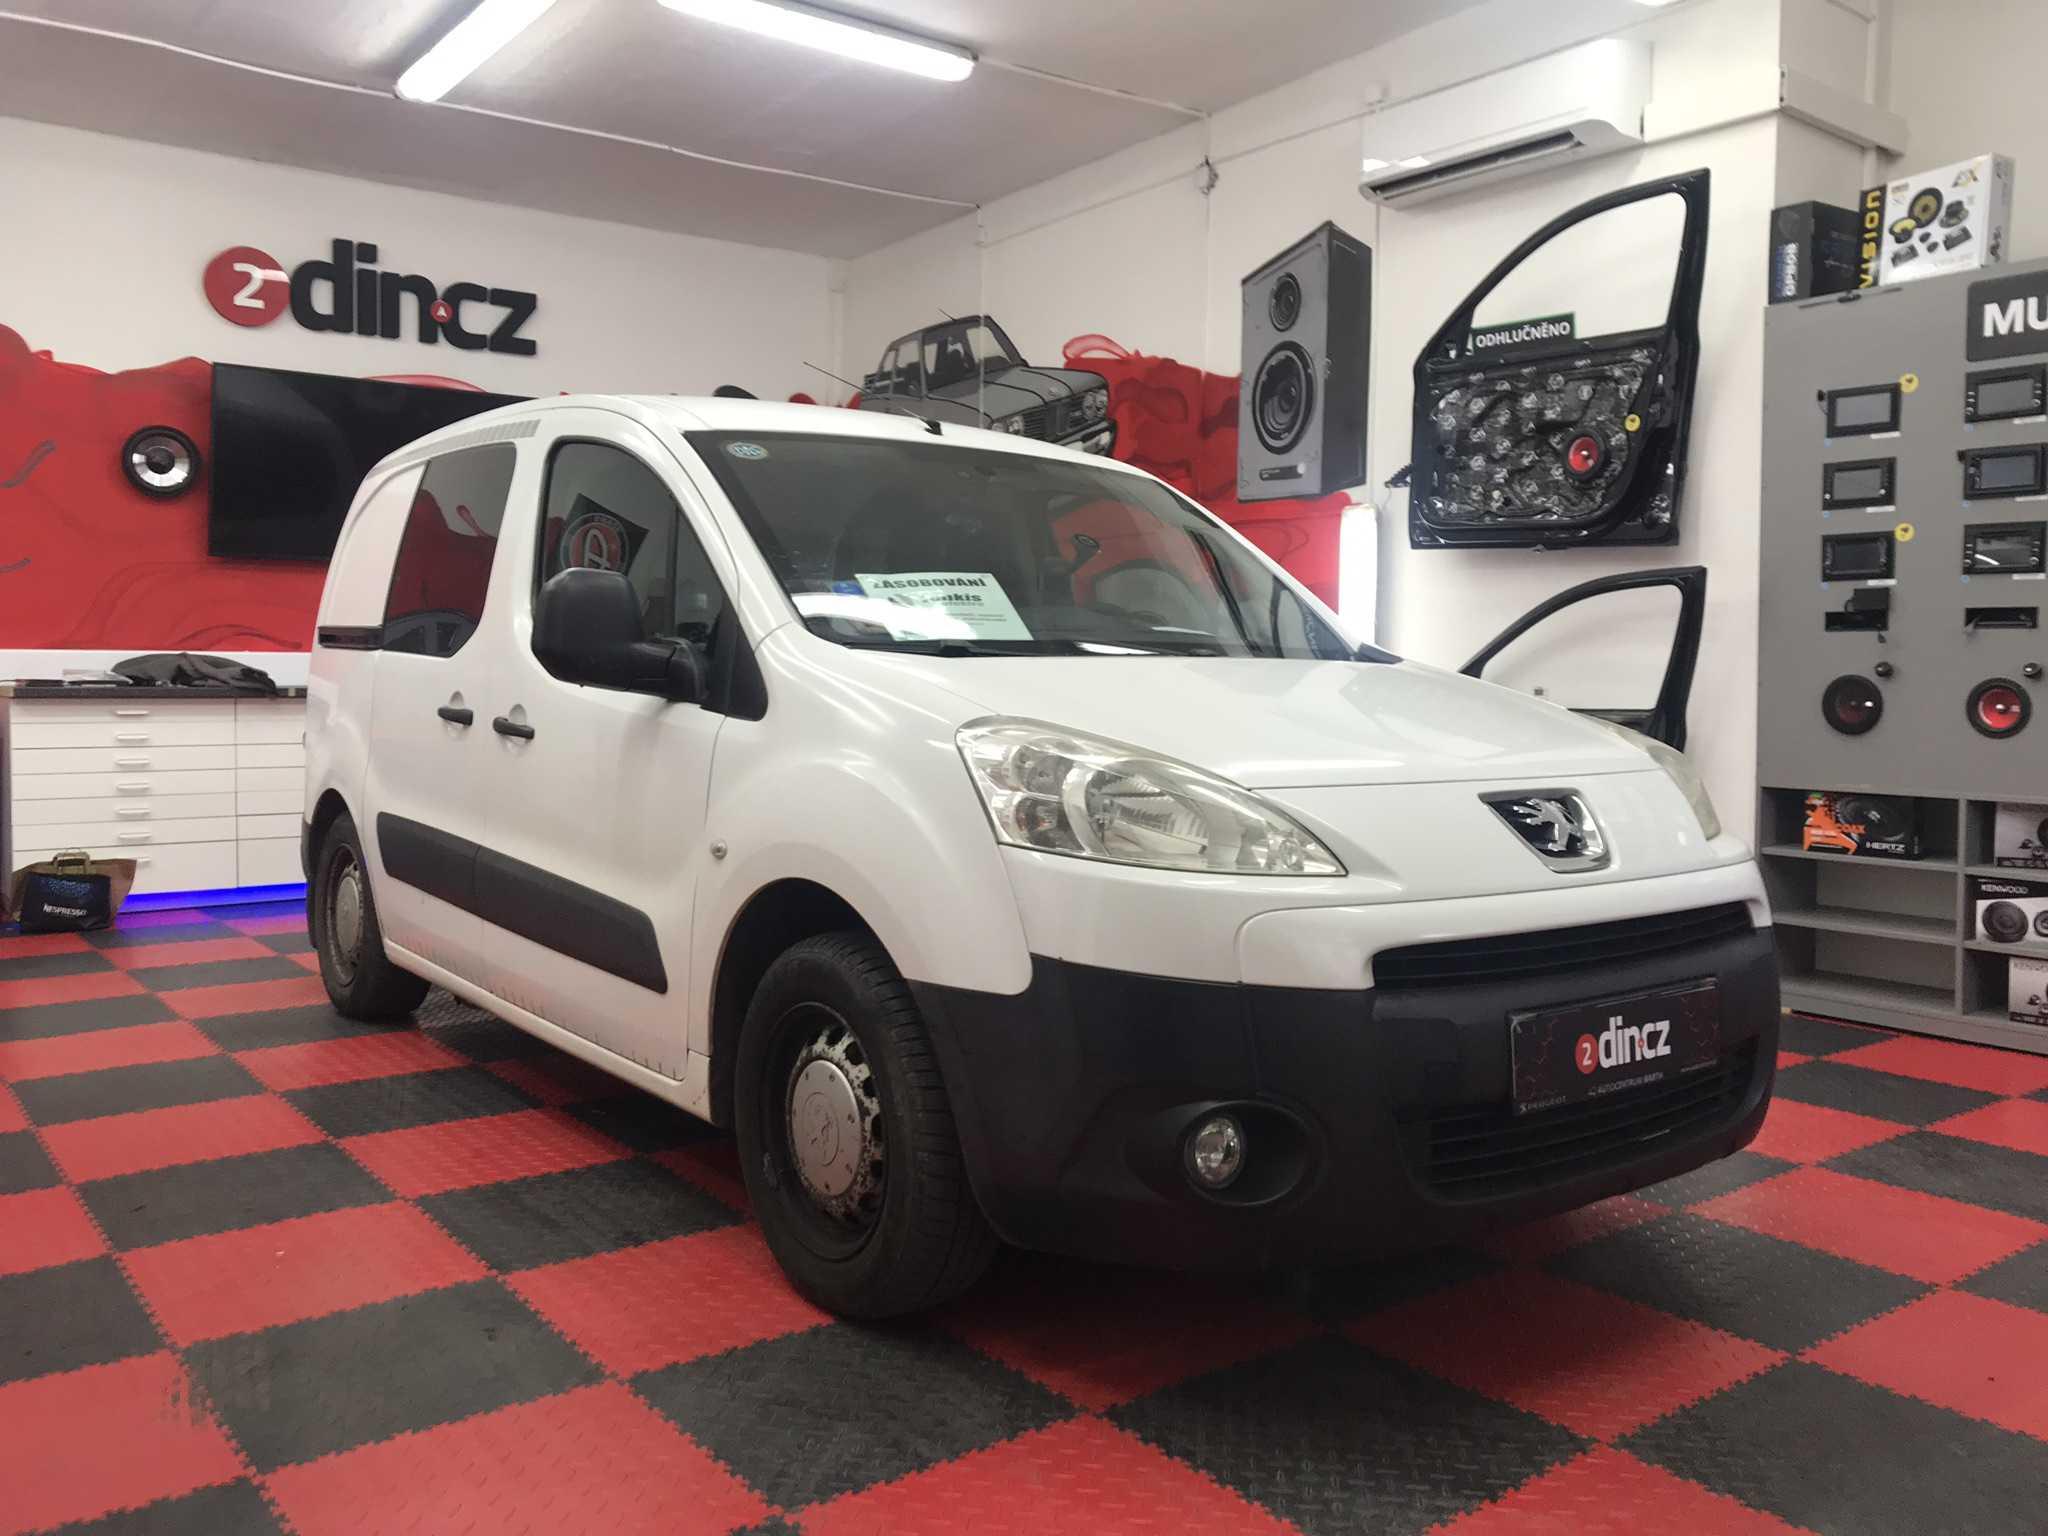 Peugeot Partner - Montáž 2din autorádia